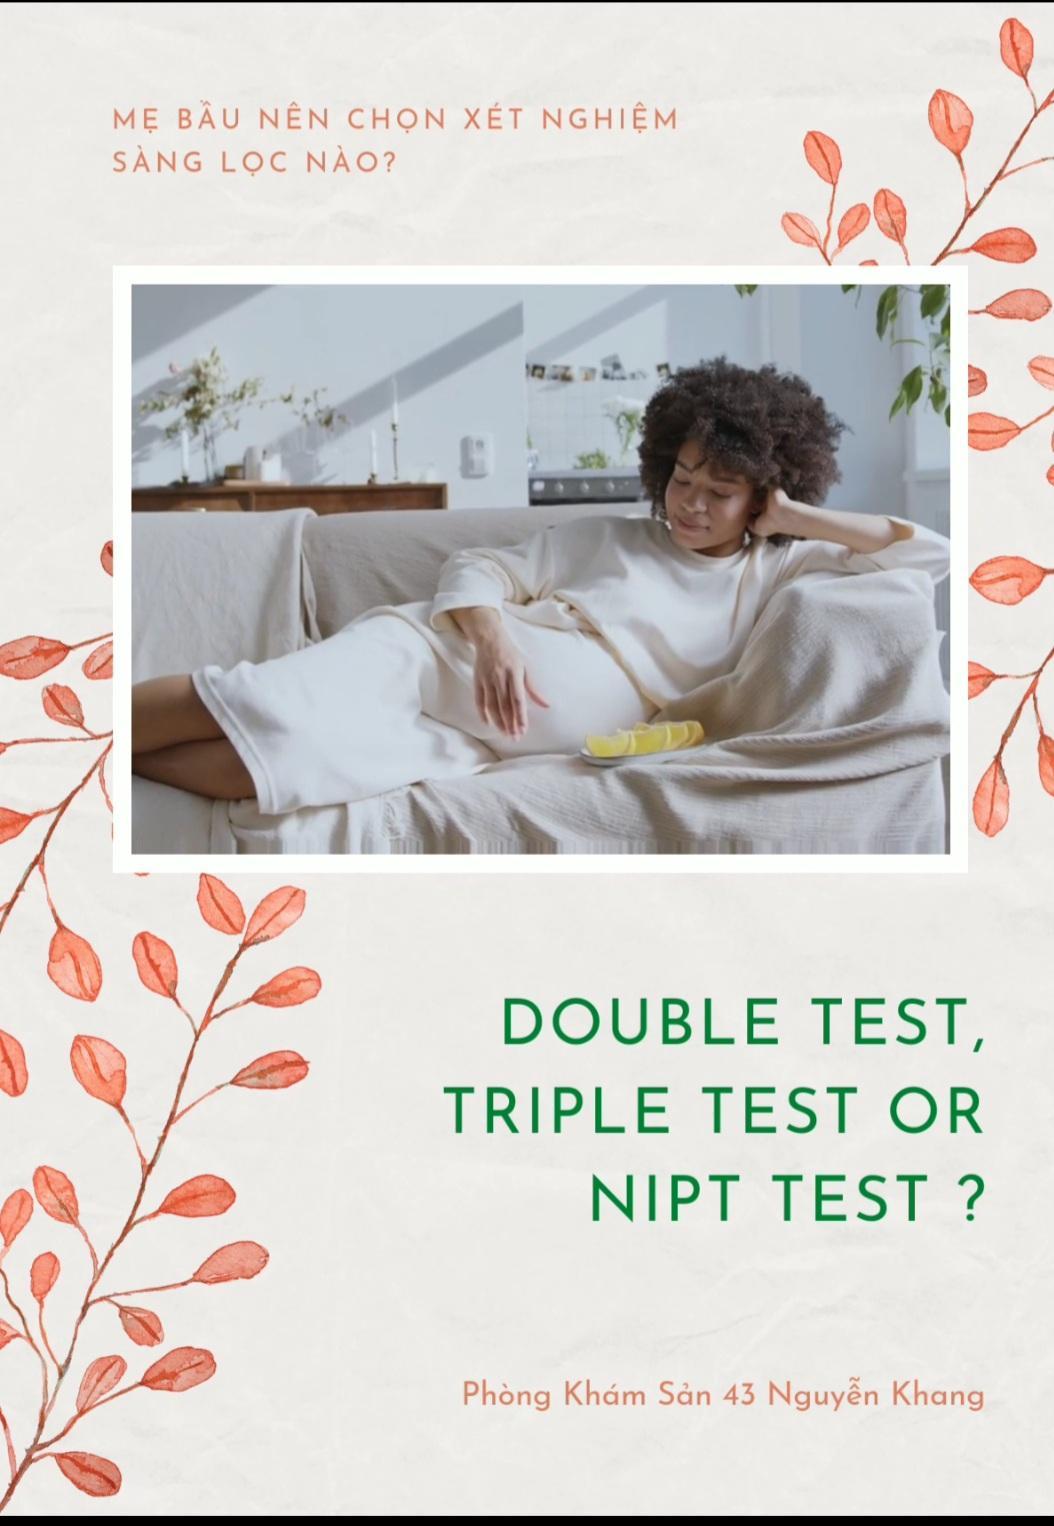 Các xét nghiệm Double test, Triple test, Nipt thì nên chọn loại nào?